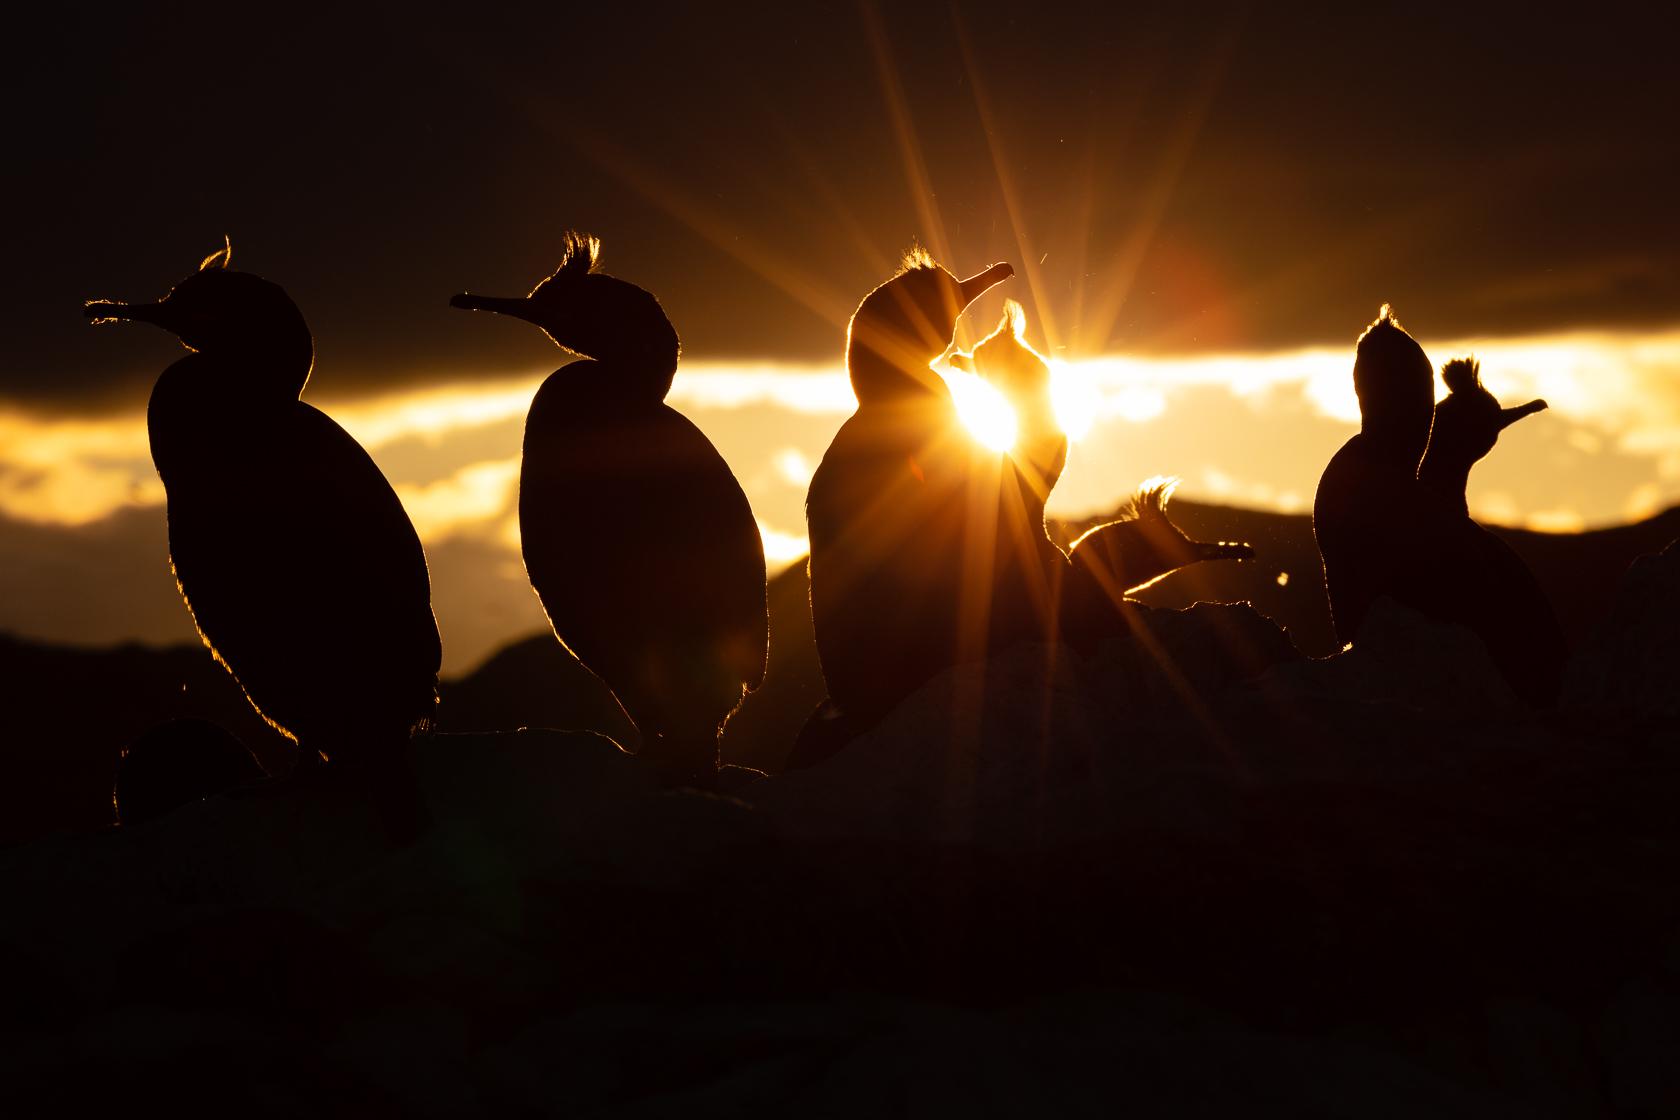 Cormorans huppés (Phalacrocorax aristotelis) sous le soleil de minuit sur l'île d'Hornøya en Norvège